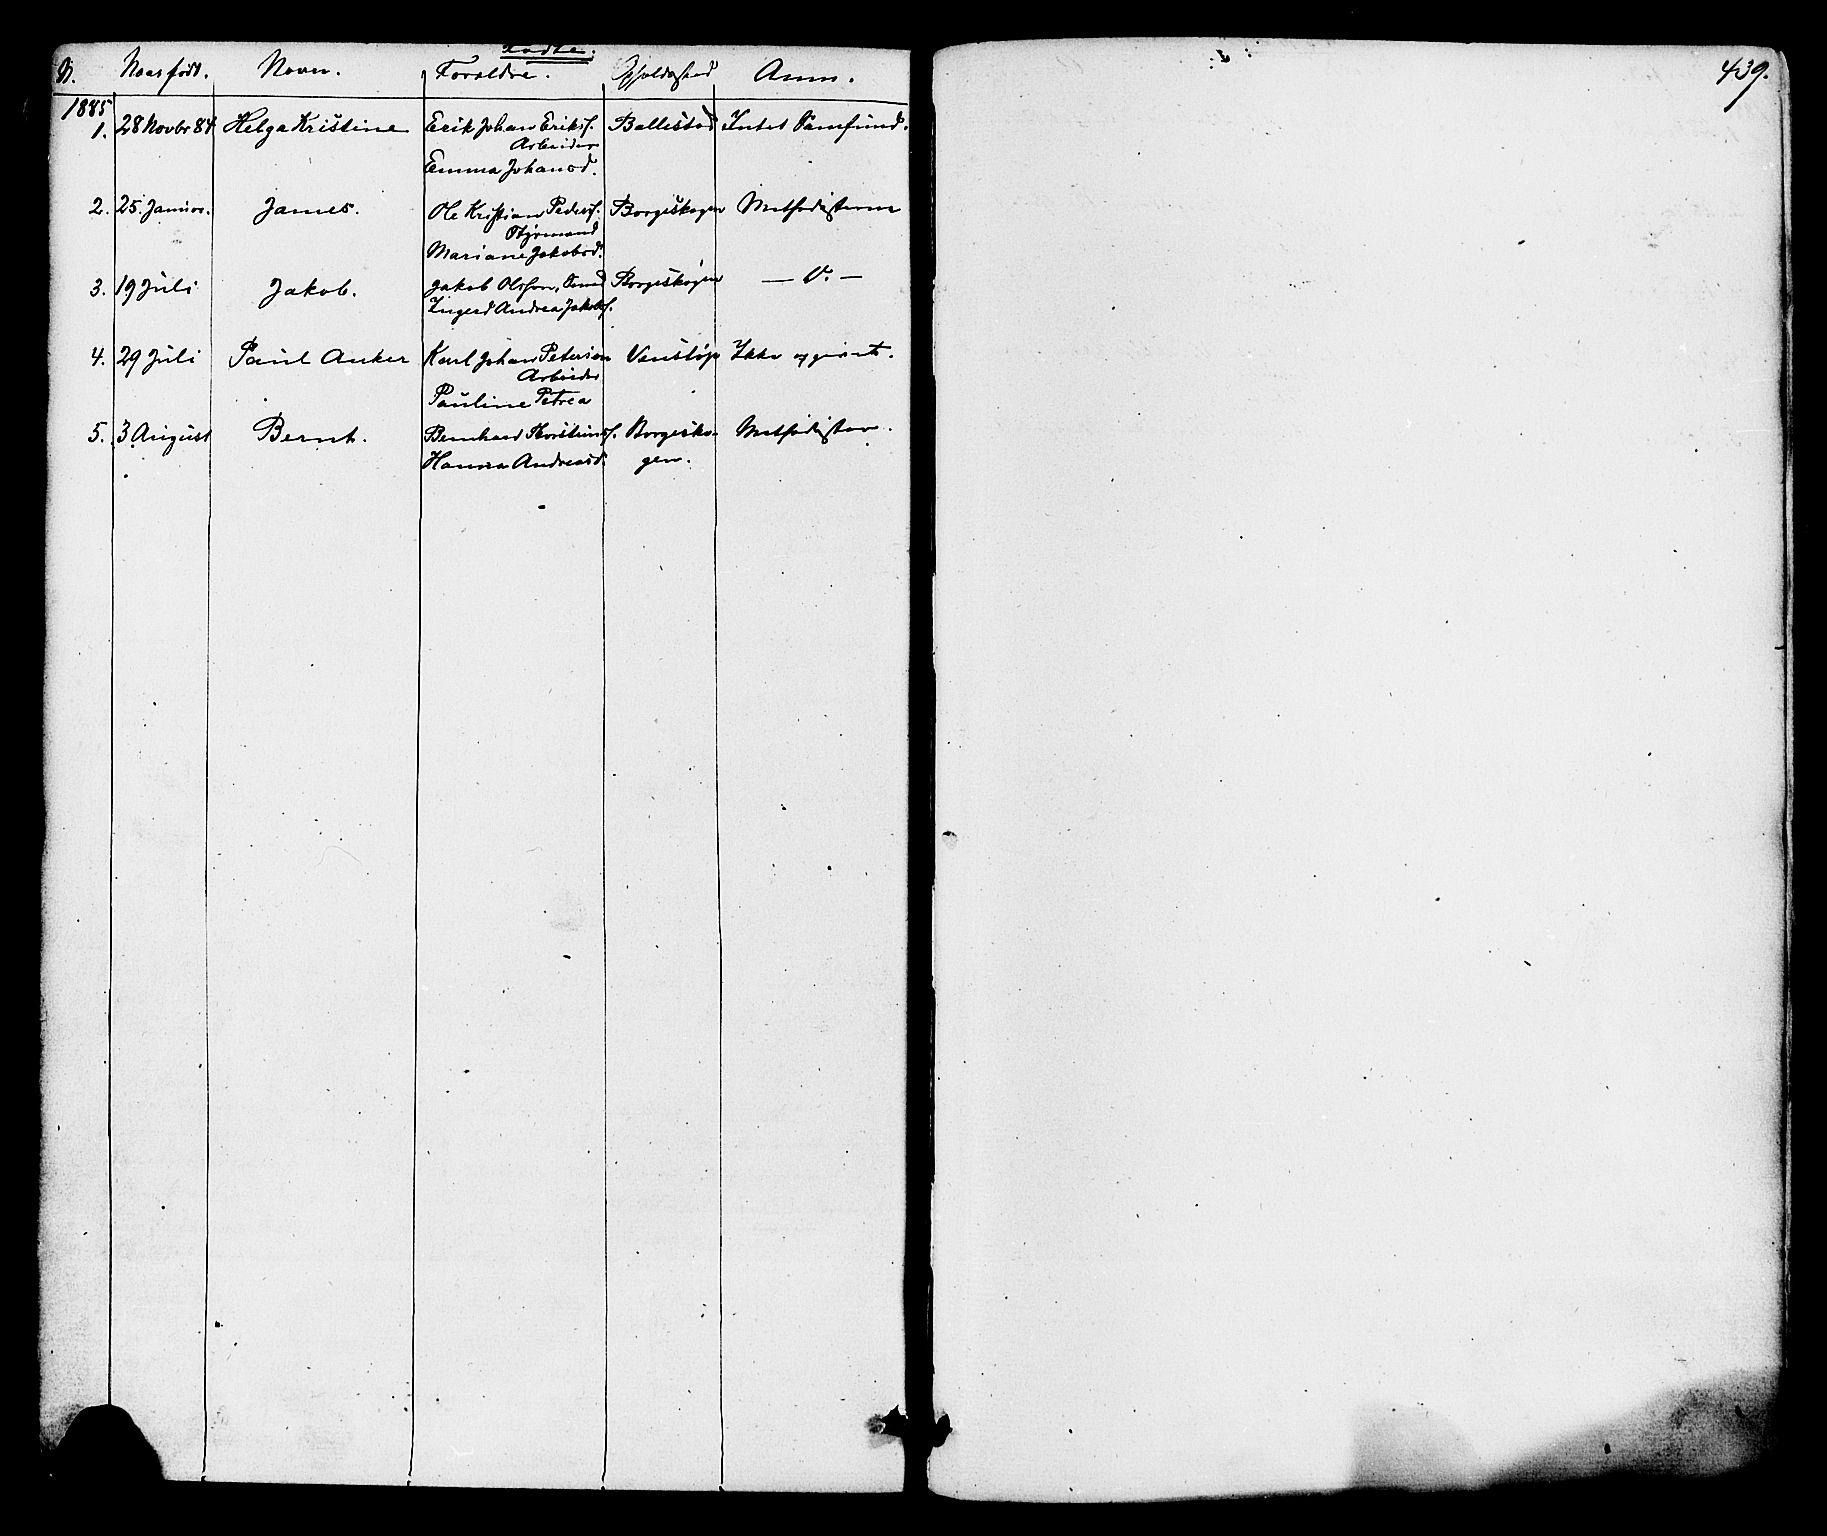 SAKO, Gjerpen kirkebøker, F/Fa/L0009: Ministerialbok nr. 9, 1872-1885, s. 439